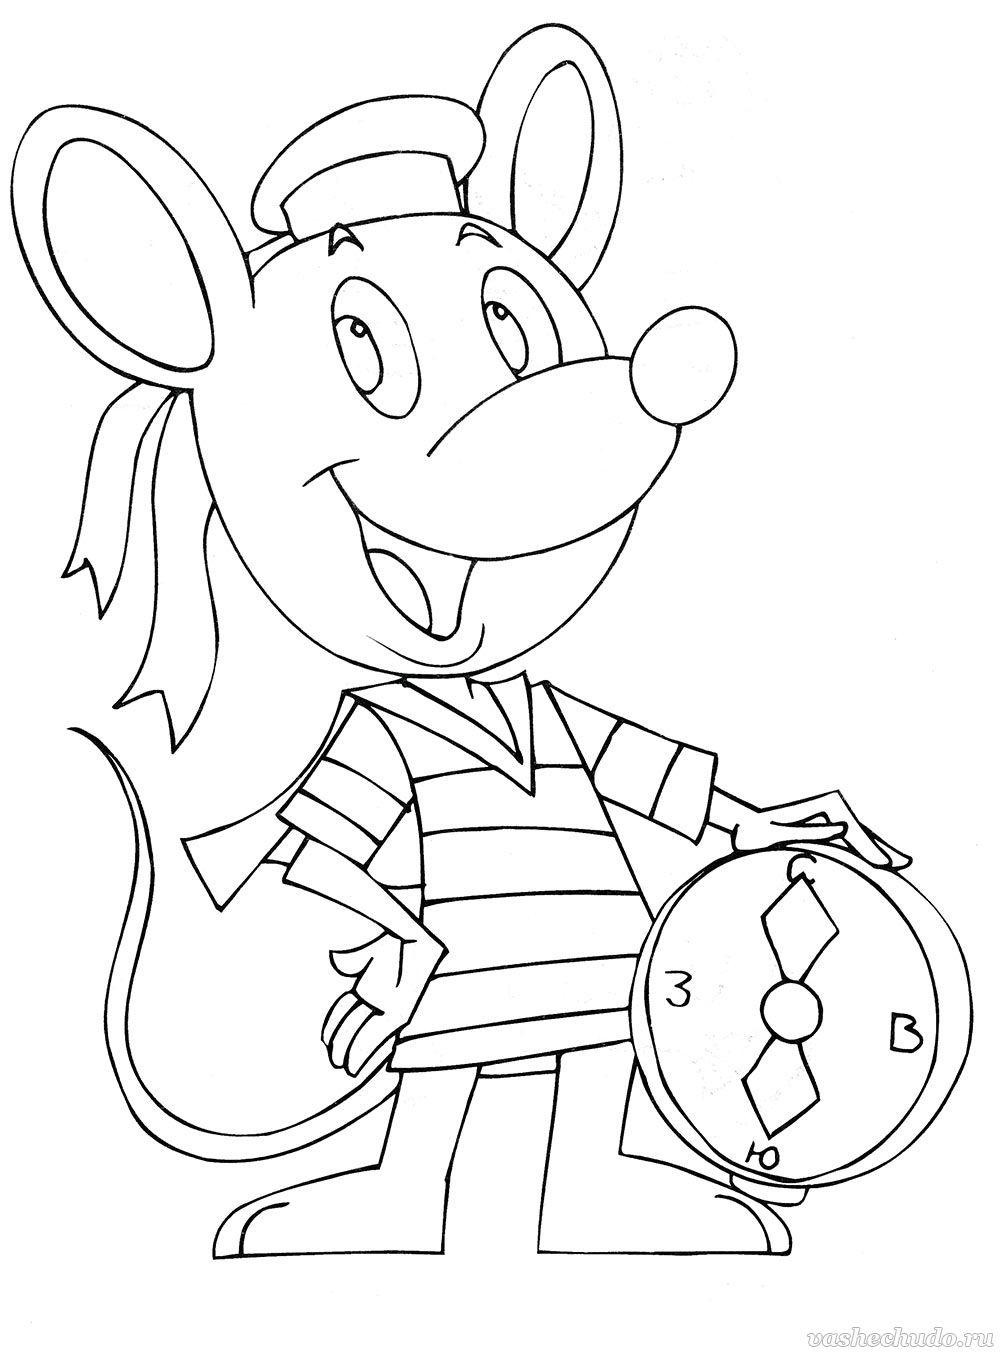 Раскраска для детей. Мышка